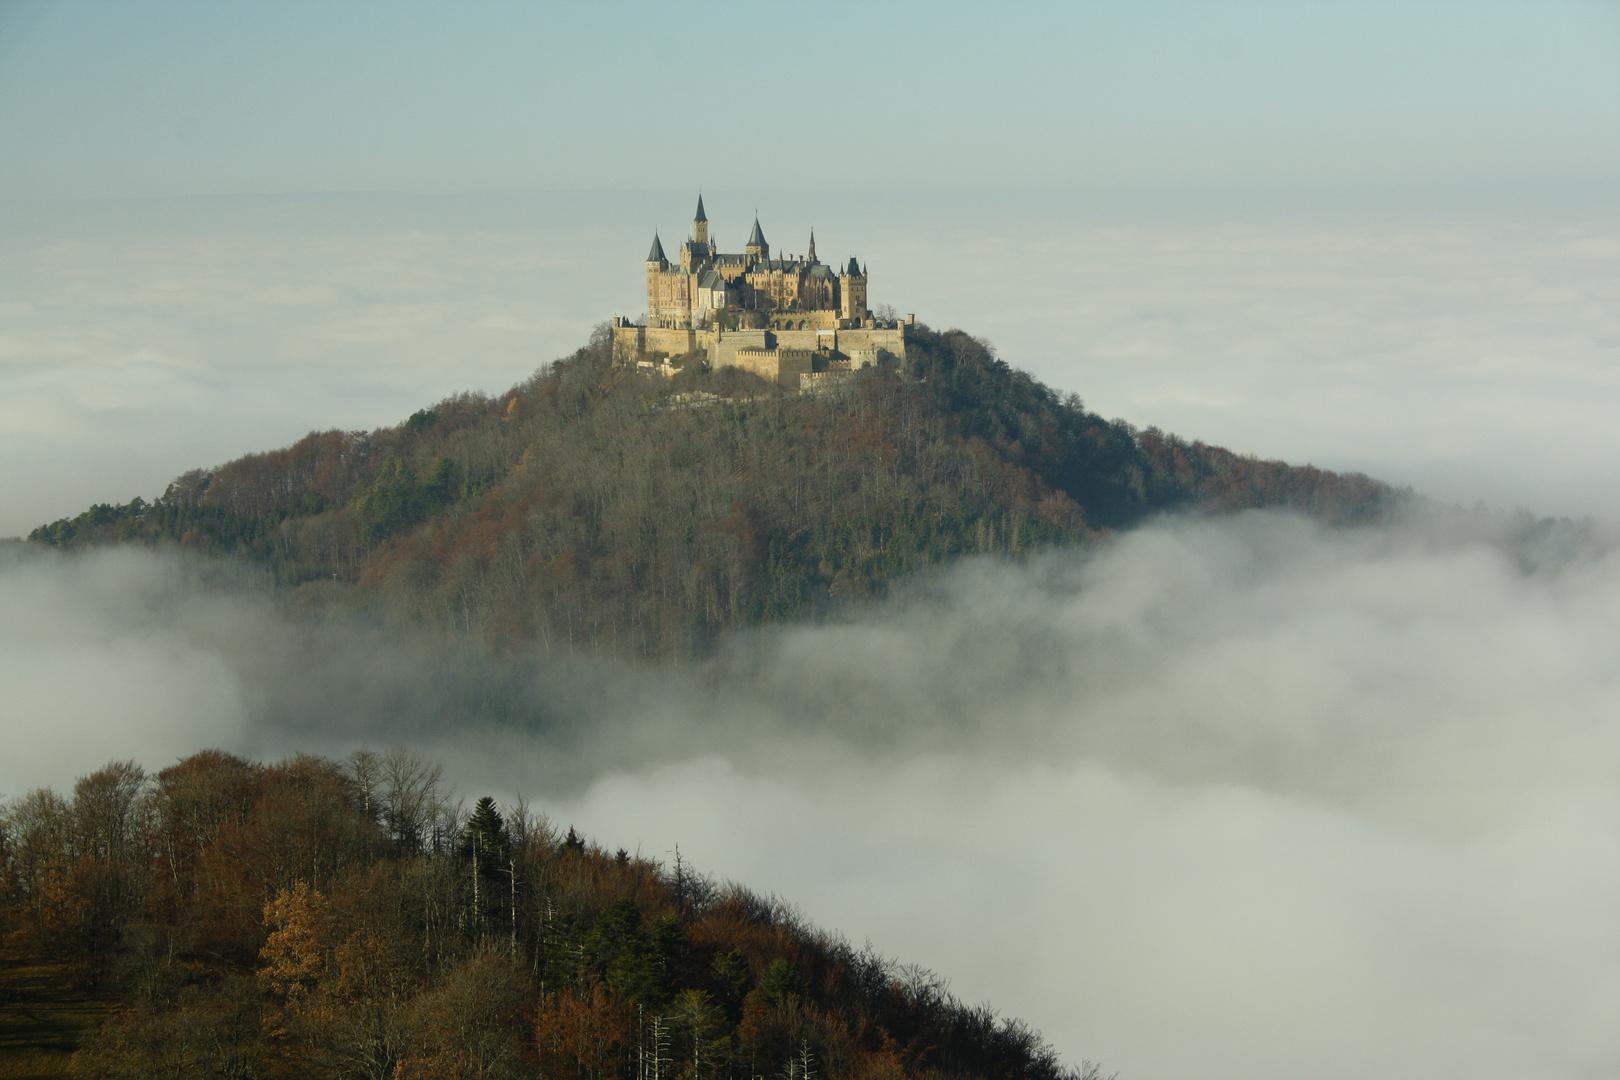 Mächtige Burg Hohenzollern erhebt sich erhaben aus dem Nebel